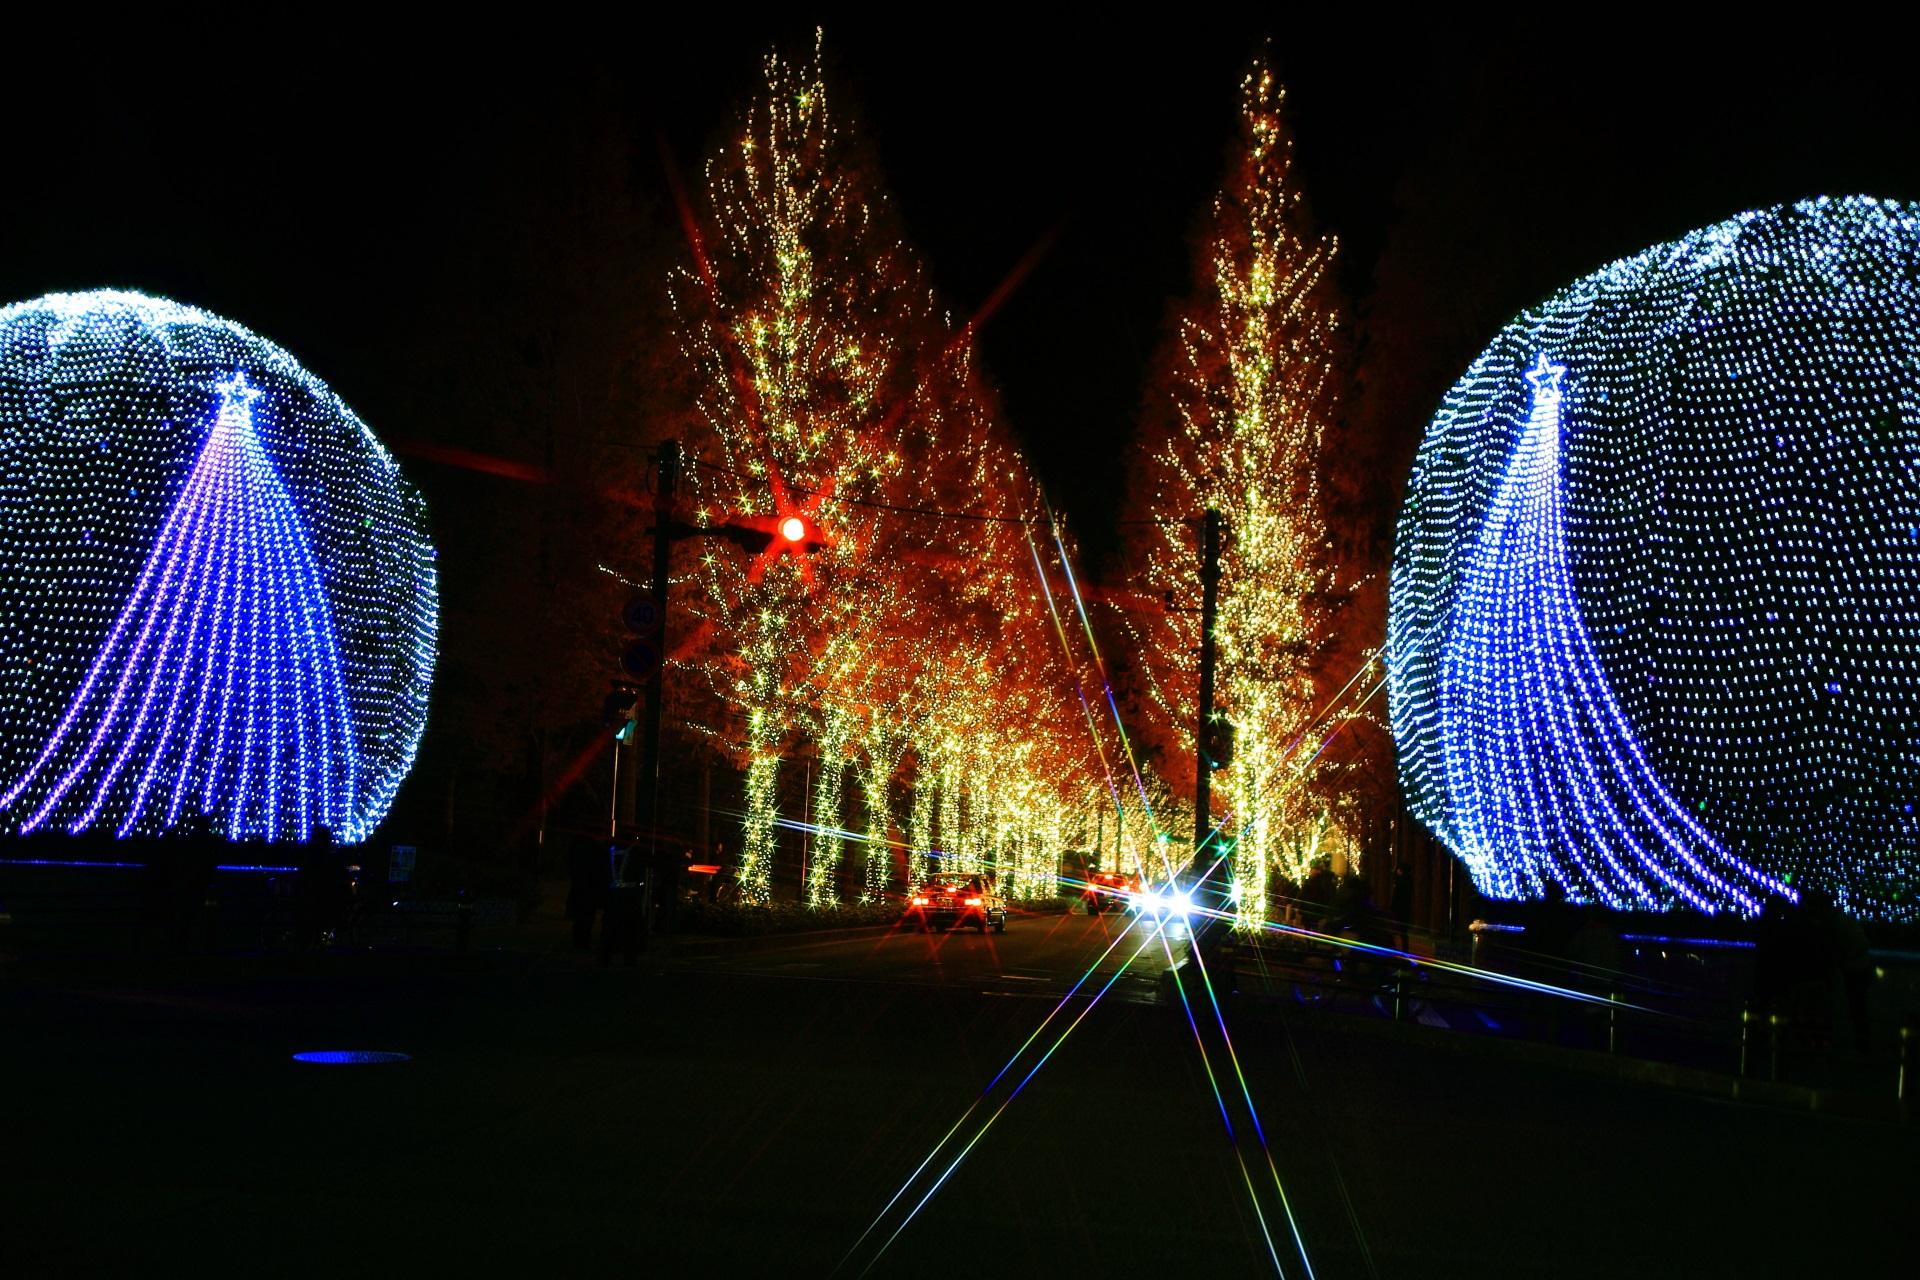 光のプロムナードとヤマモモの木